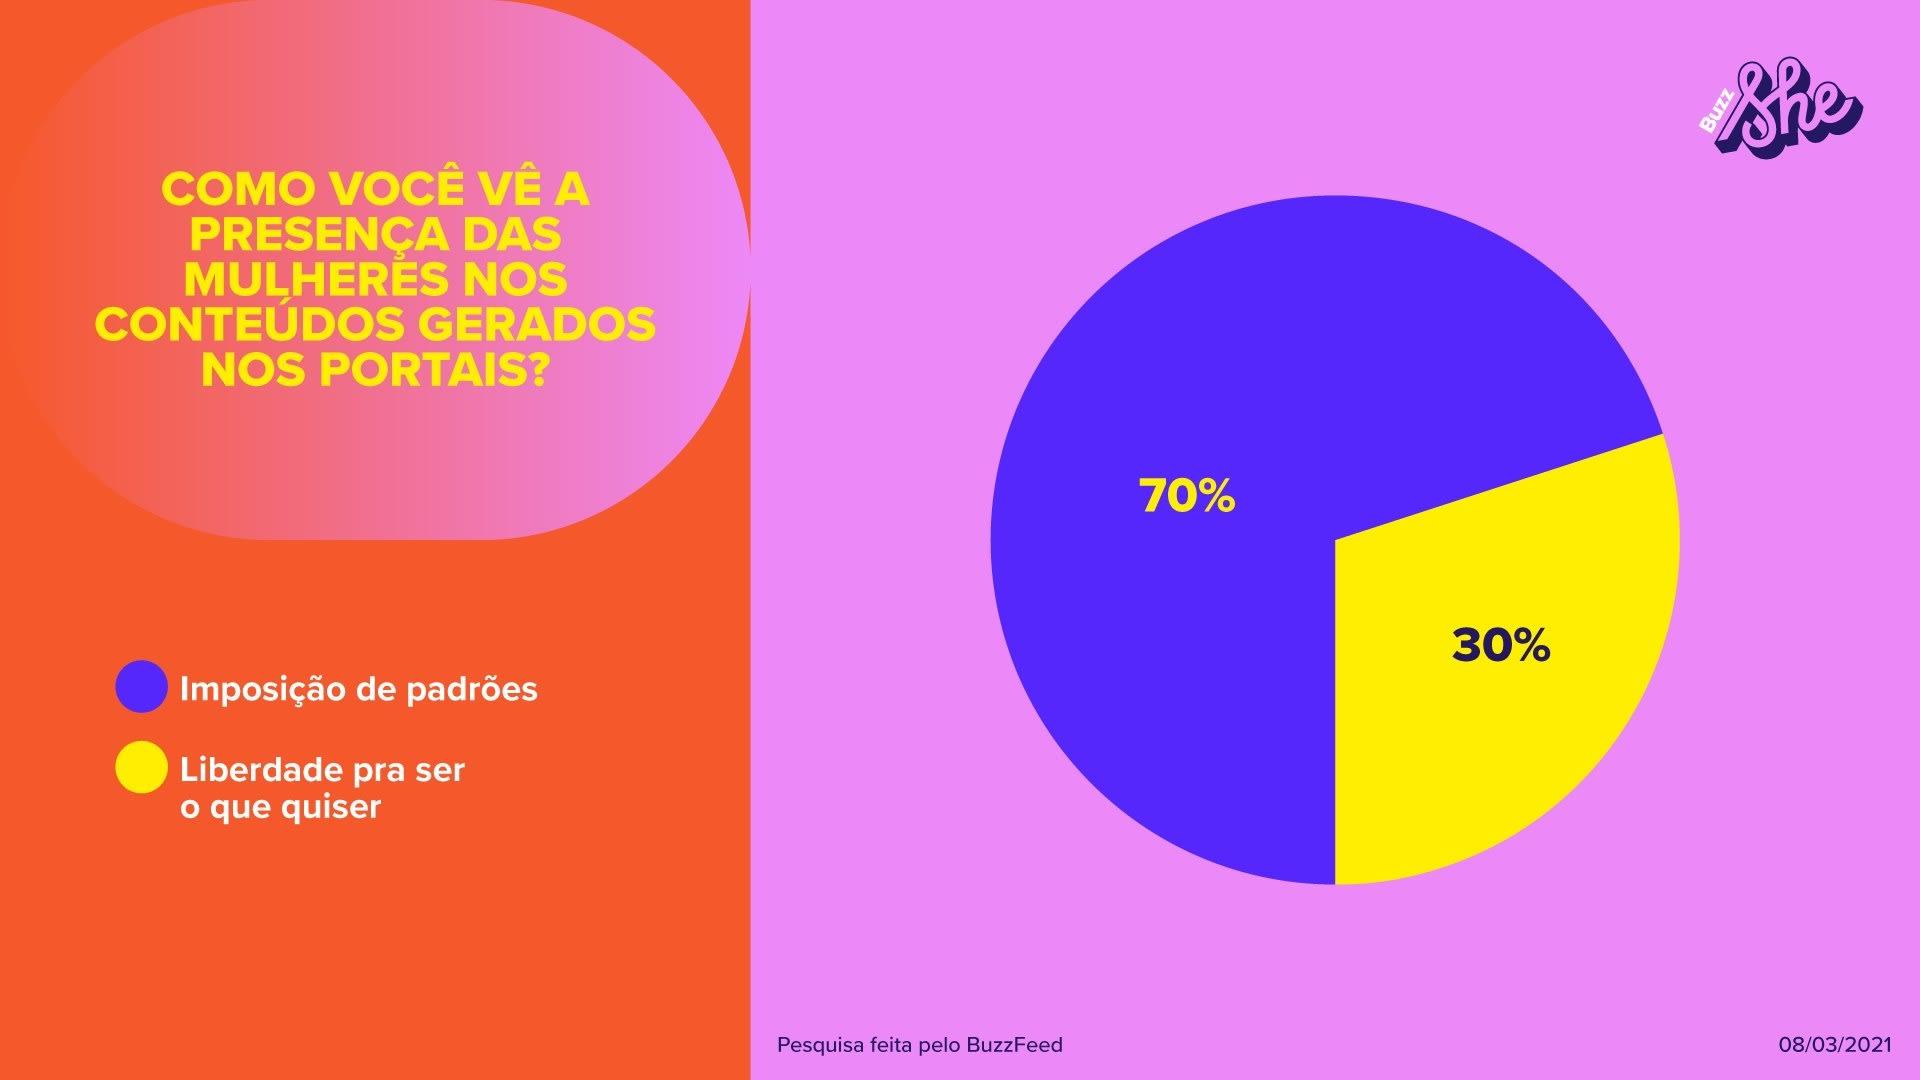 70% das mulheres que responderam à pesquisa acreditam que os conteúdos impõem padrões.